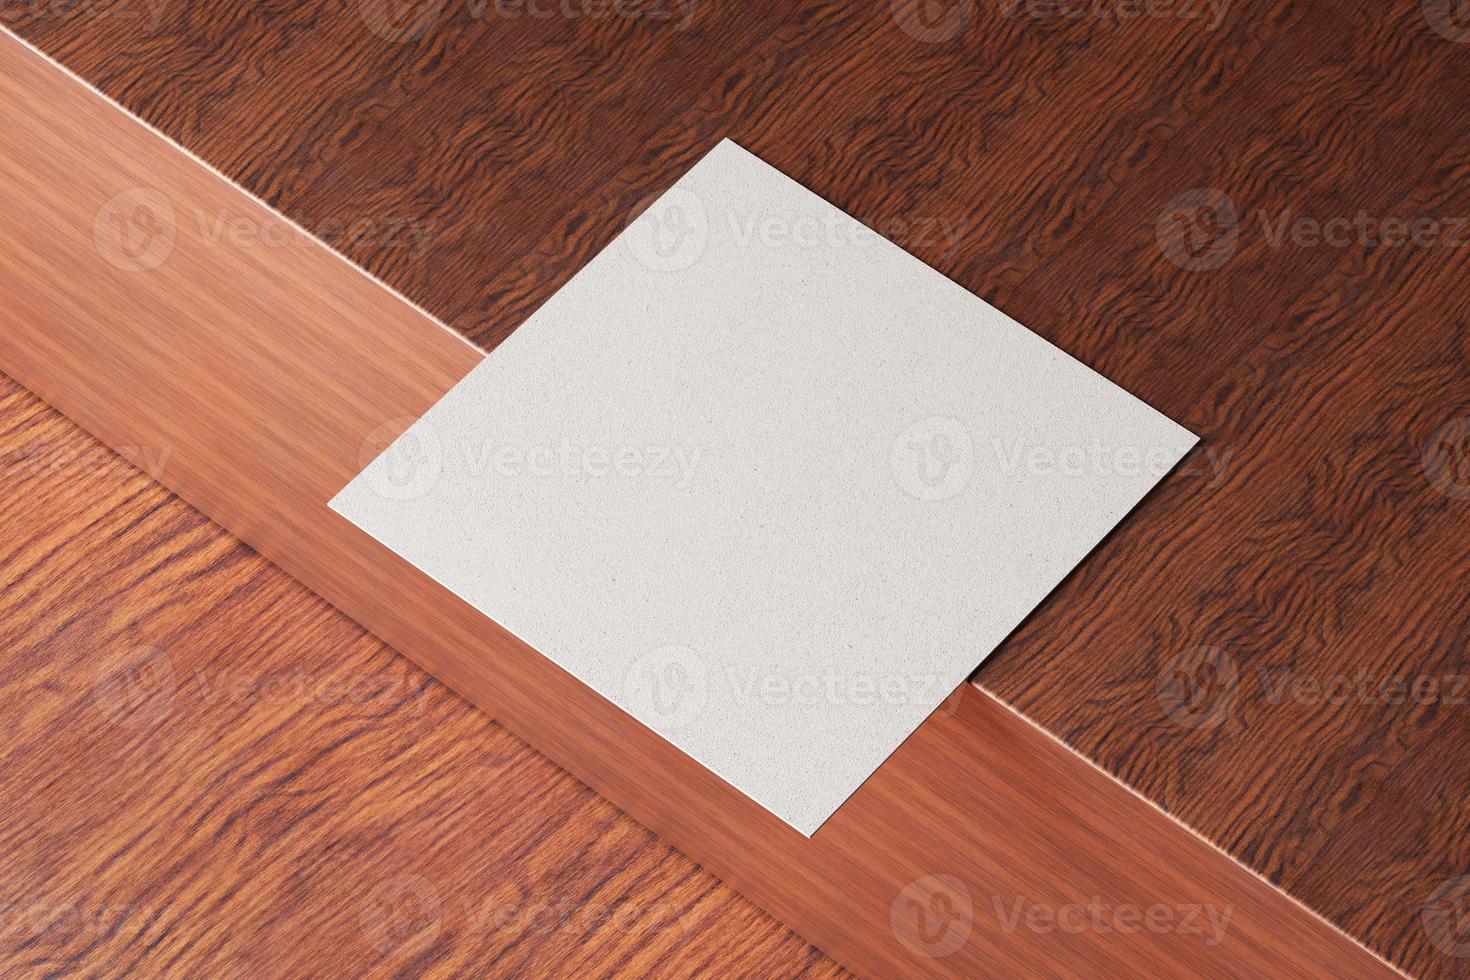 vit fyrkantig form papper visitkort mockup på trä brun bord bakgrund. varumärkespresentation mall tryck grafisk design. ett kort hånar. 3D illustration rendering foto